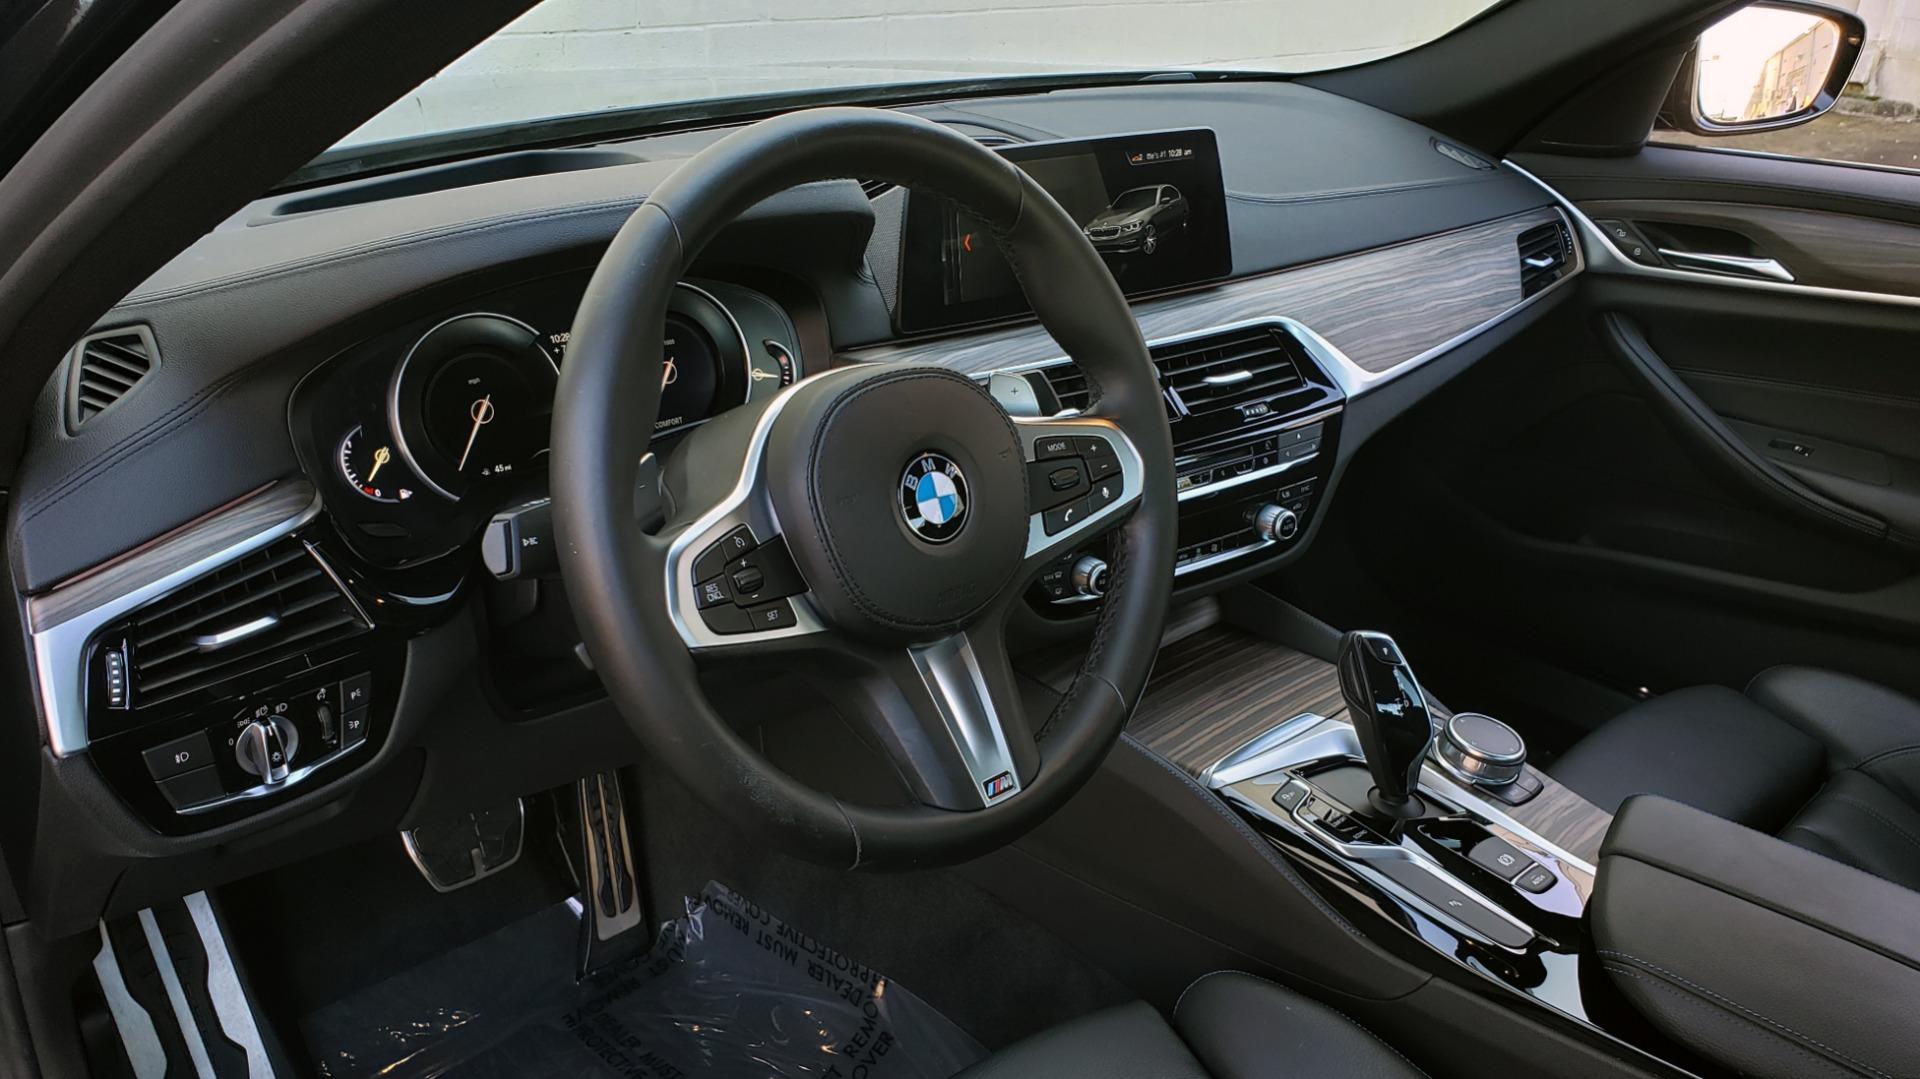 Used 2017 BMW 5 SERIES 530I M-SPORT / PREM PKG / DRVR ASST / HUD / NAV / REARVIEW for sale $33,995 at Formula Imports in Charlotte NC 28227 39